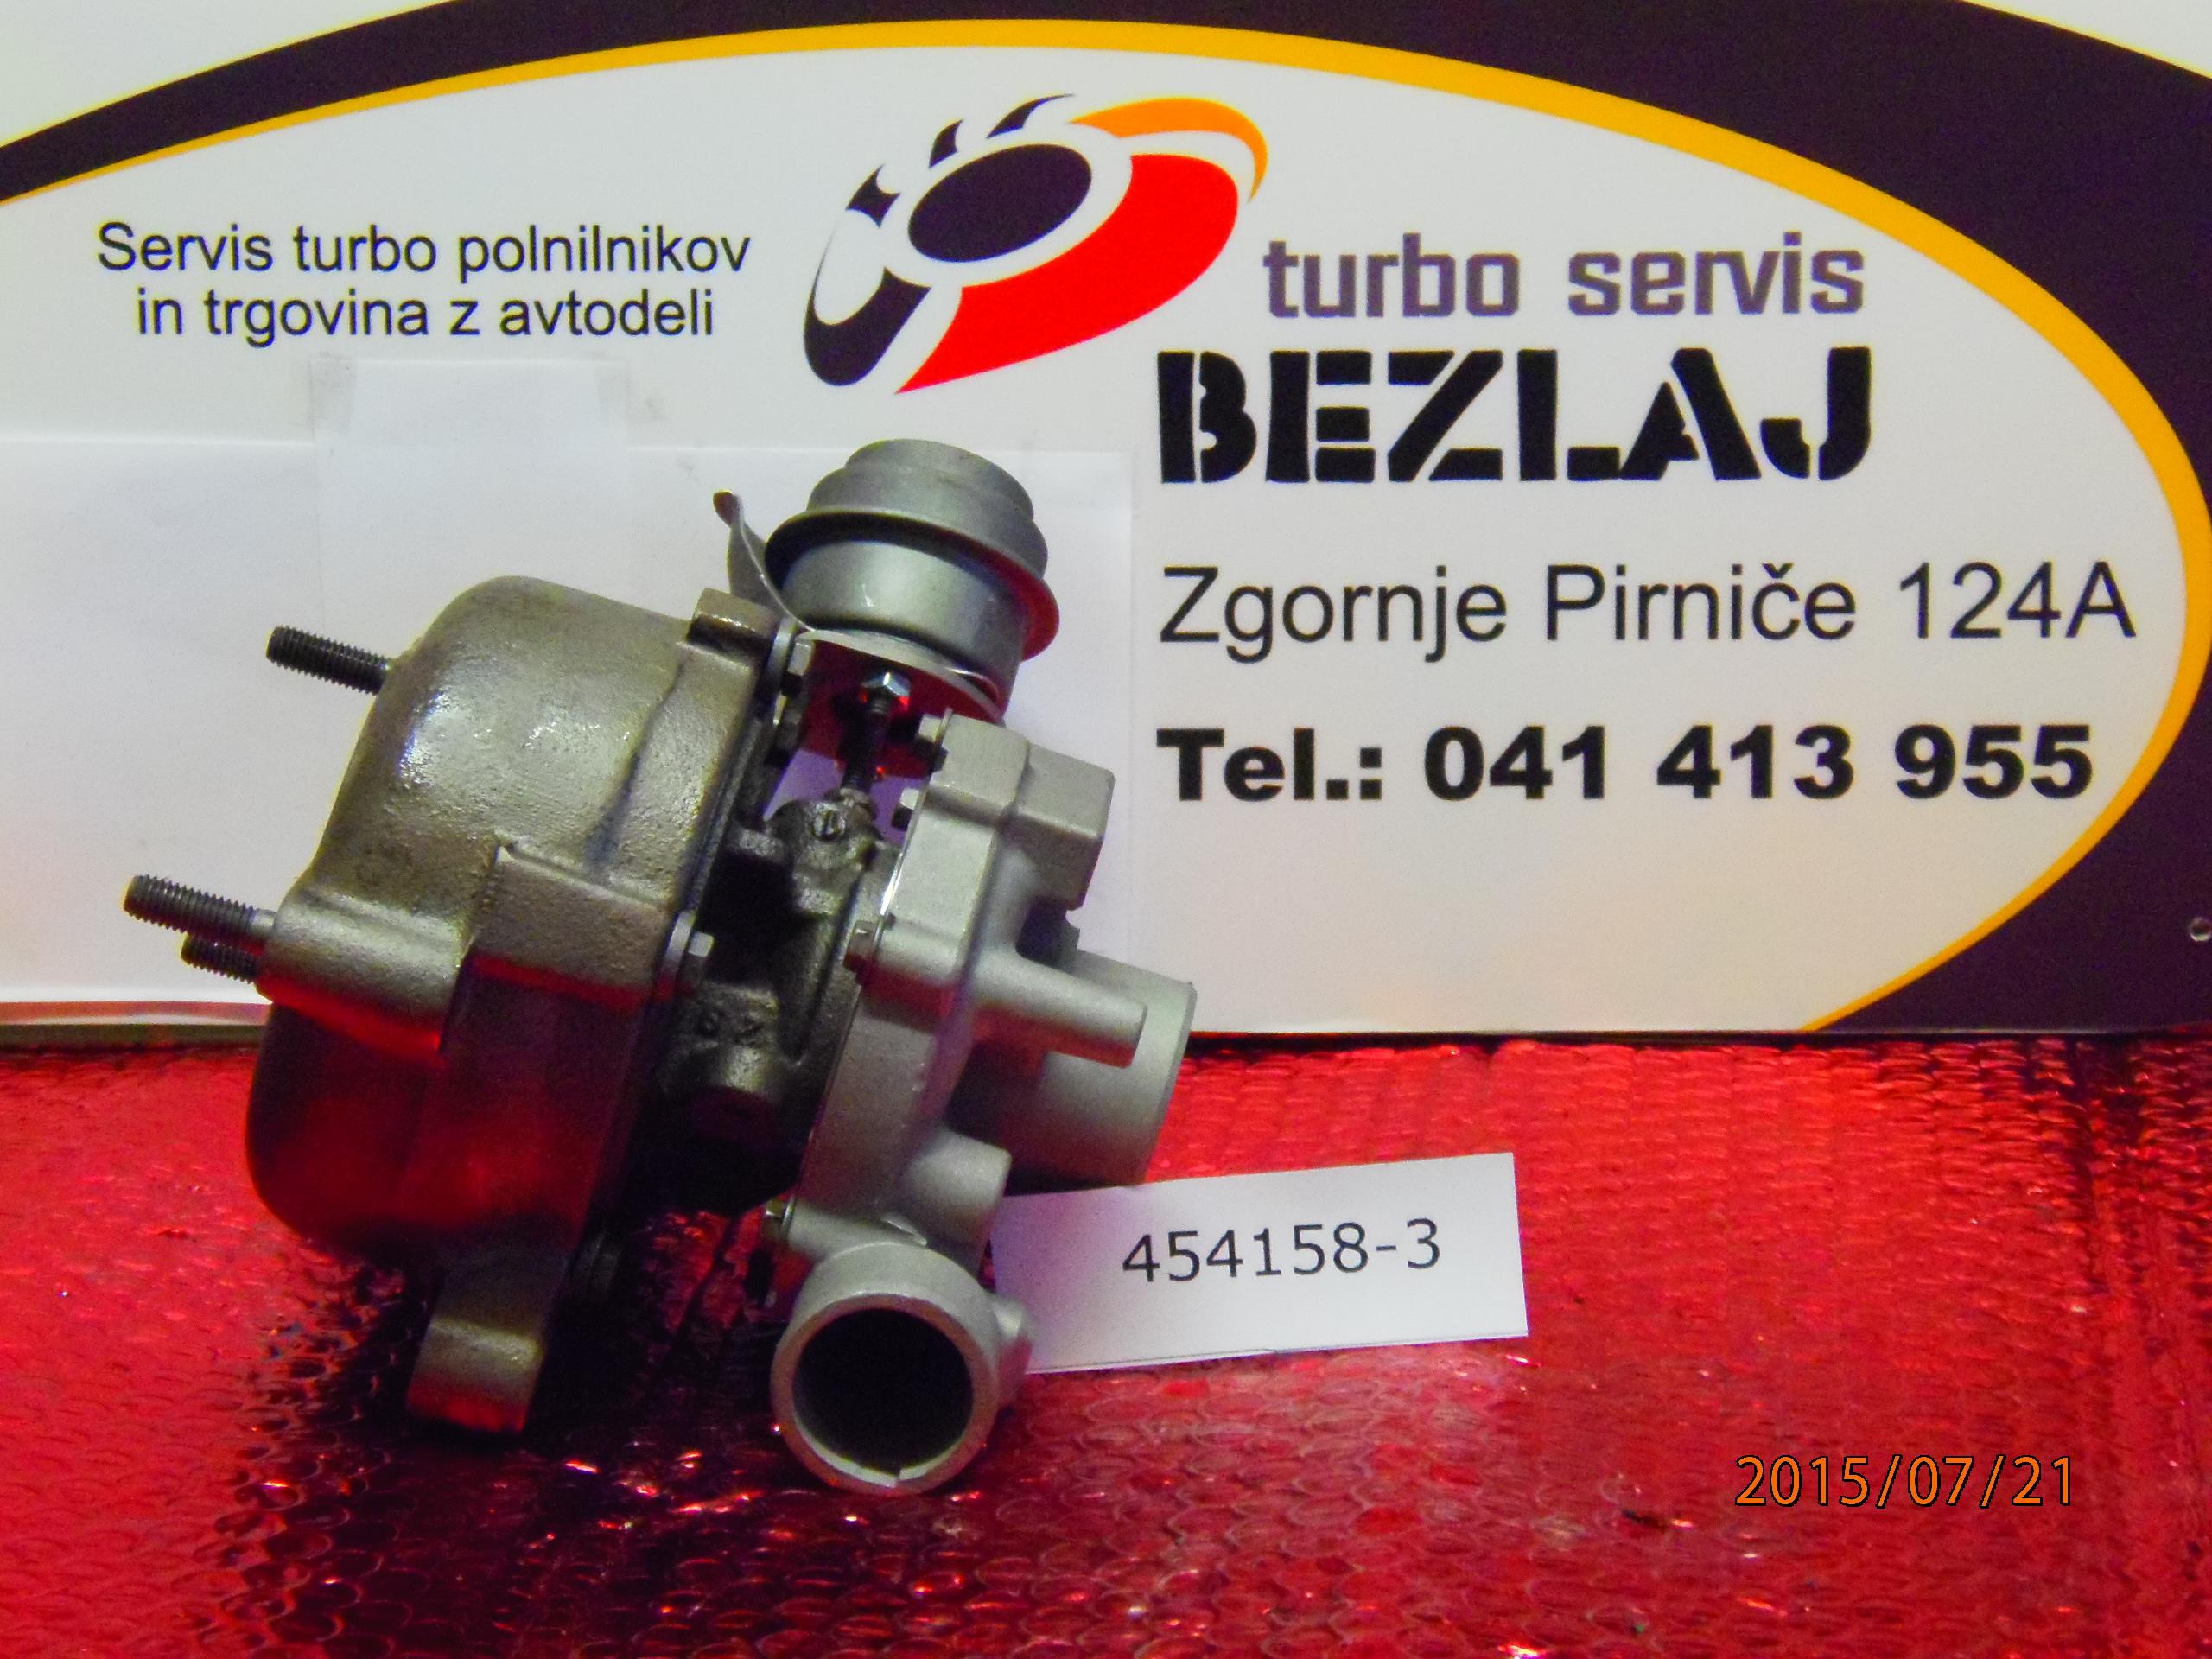 turbo454158-3 (2)